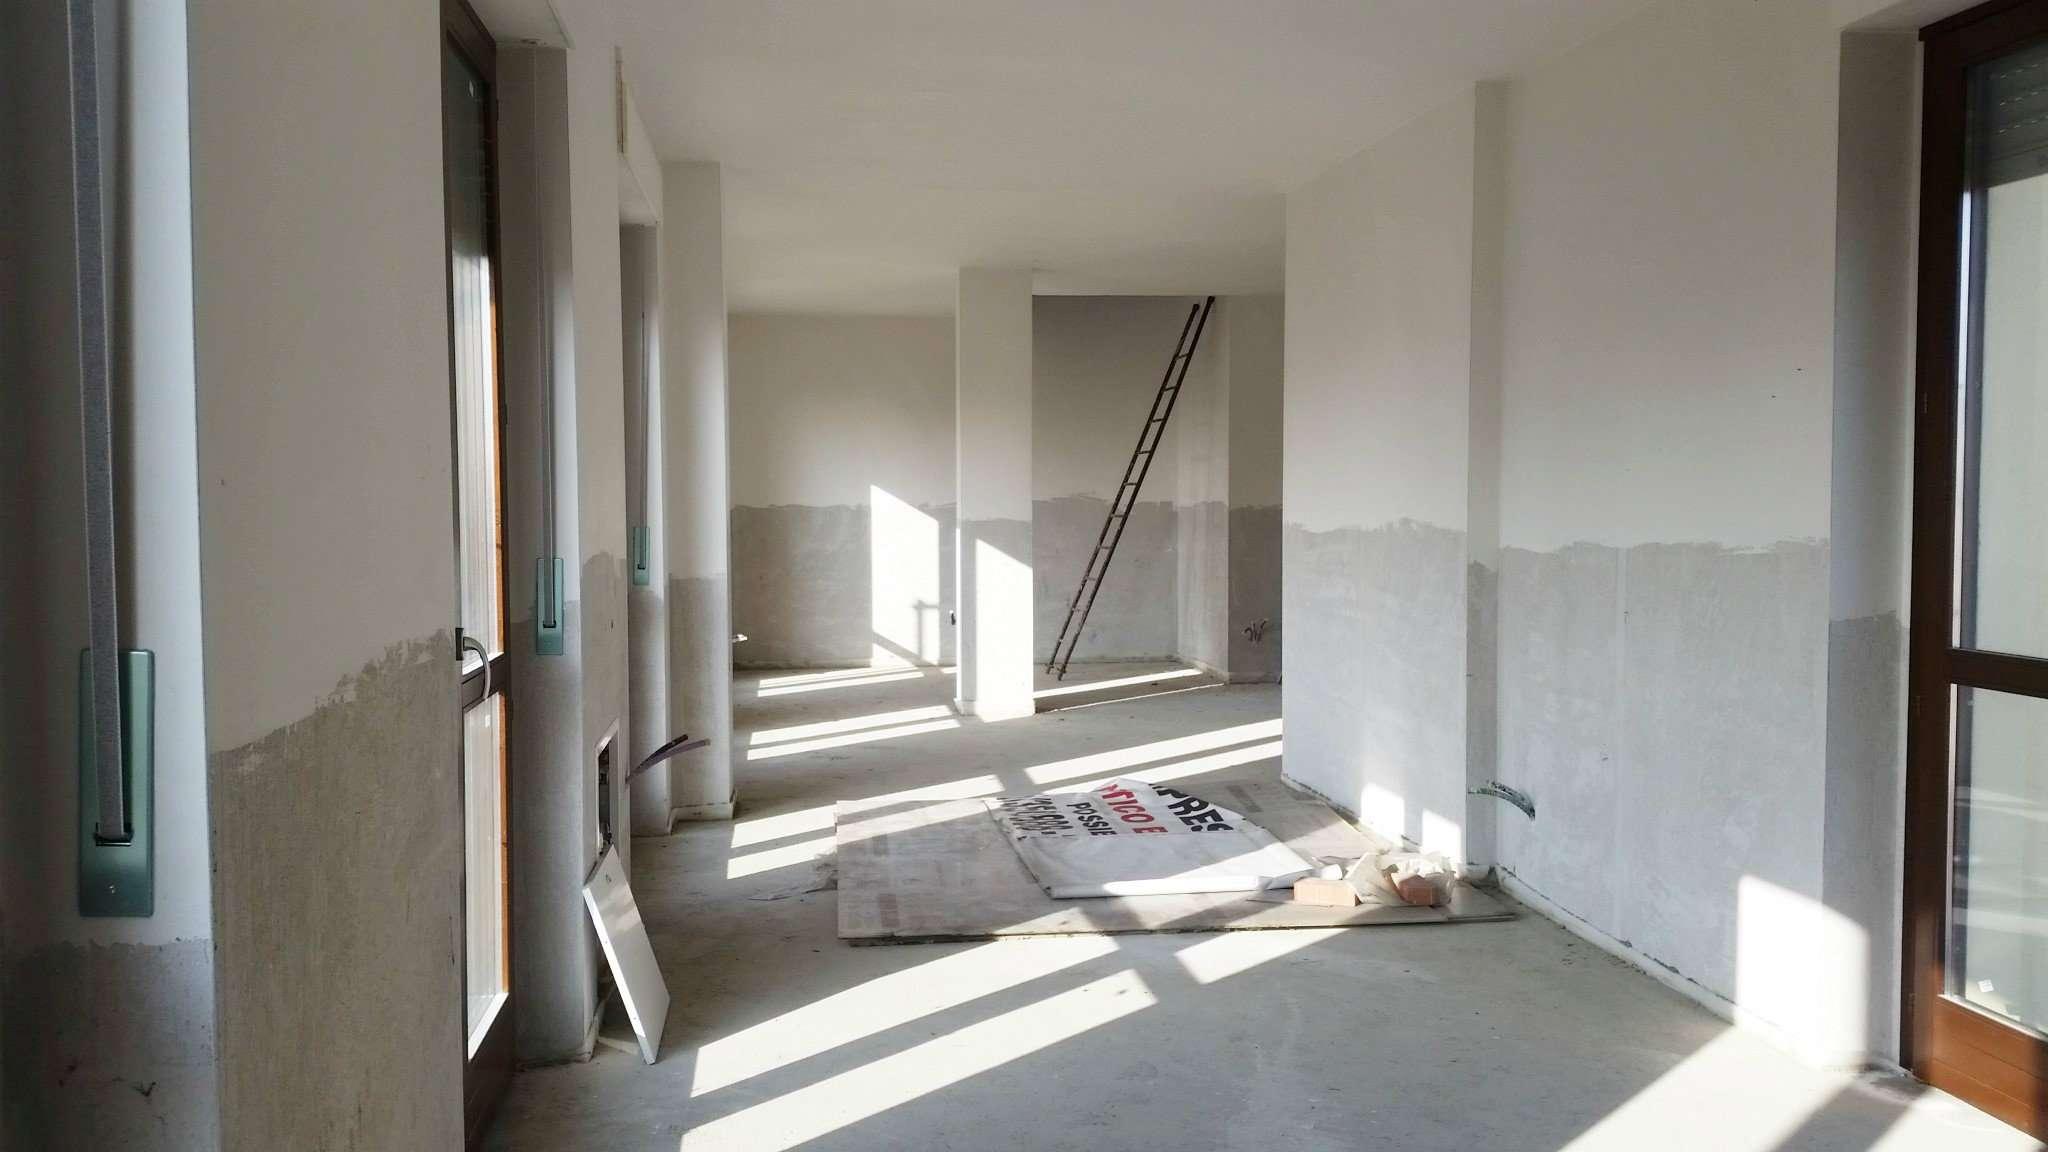 Attico / Mansarda in vendita a Moncalieri, 4 locali, prezzo € 339.000 | CambioCasa.it